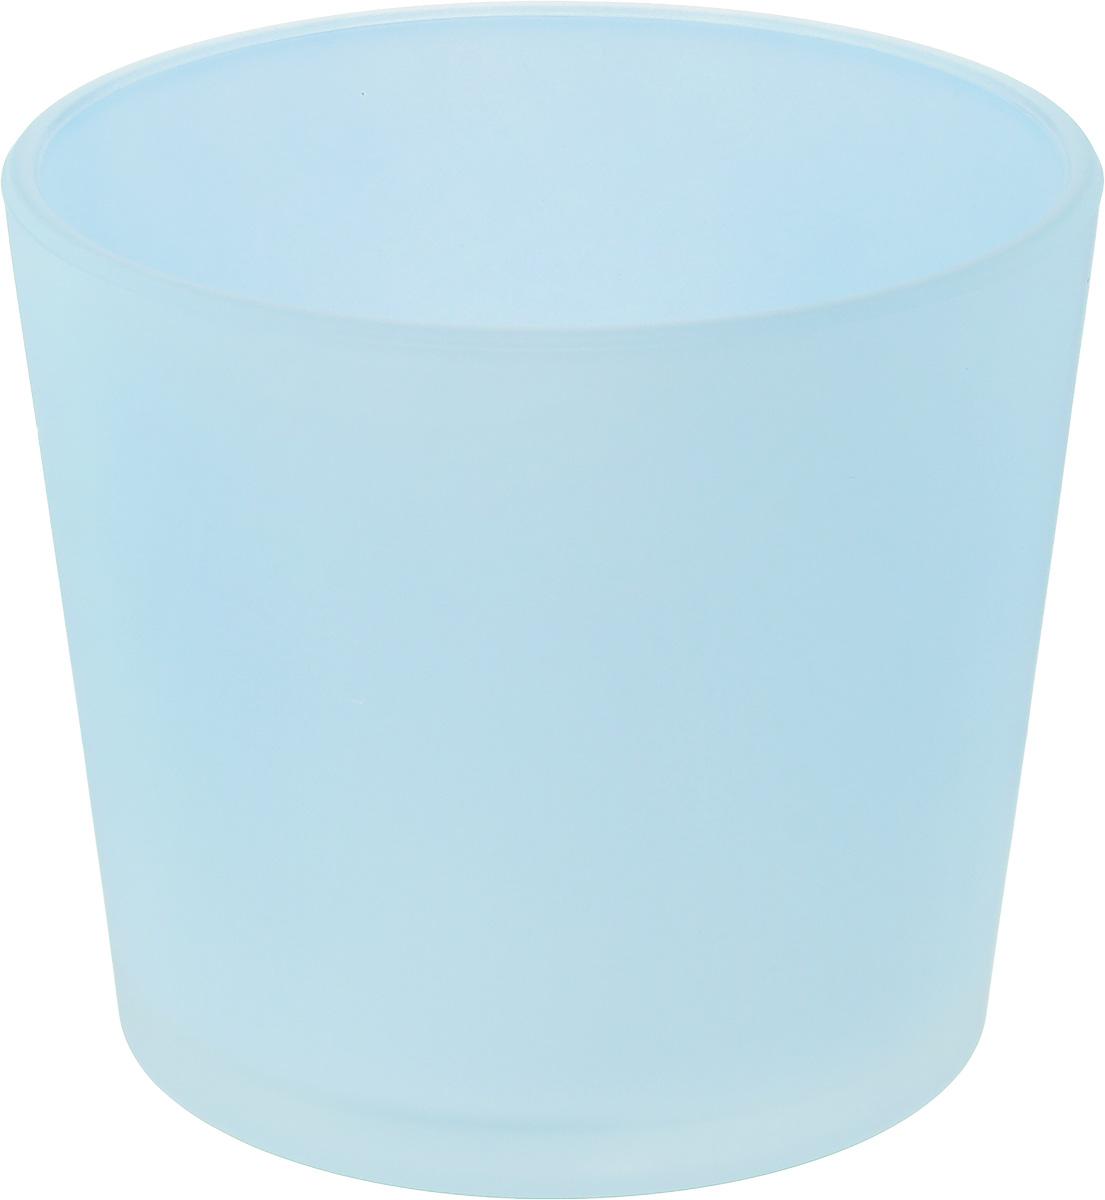 Кашпо NiNaGlass, цвет: голубой, высота 12,5 см91-011-Ф145_голубойКашпо NiNaGlass имеет уникальную форму, сочетающуюся как с классическим, так и с современным дизайном интерьера. Оно изготовлено из высококачественного стекла и предназначено для выращивания растений, цветов и трав в домашних условиях. Кашпо NiNaGlass порадует вас функциональностью, а благодаря лаконичному дизайну впишется в любой интерьер помещения. Диаметр кашпо (по верхнему краю): 14,5 см.Высота кашпо: 12,5 см.